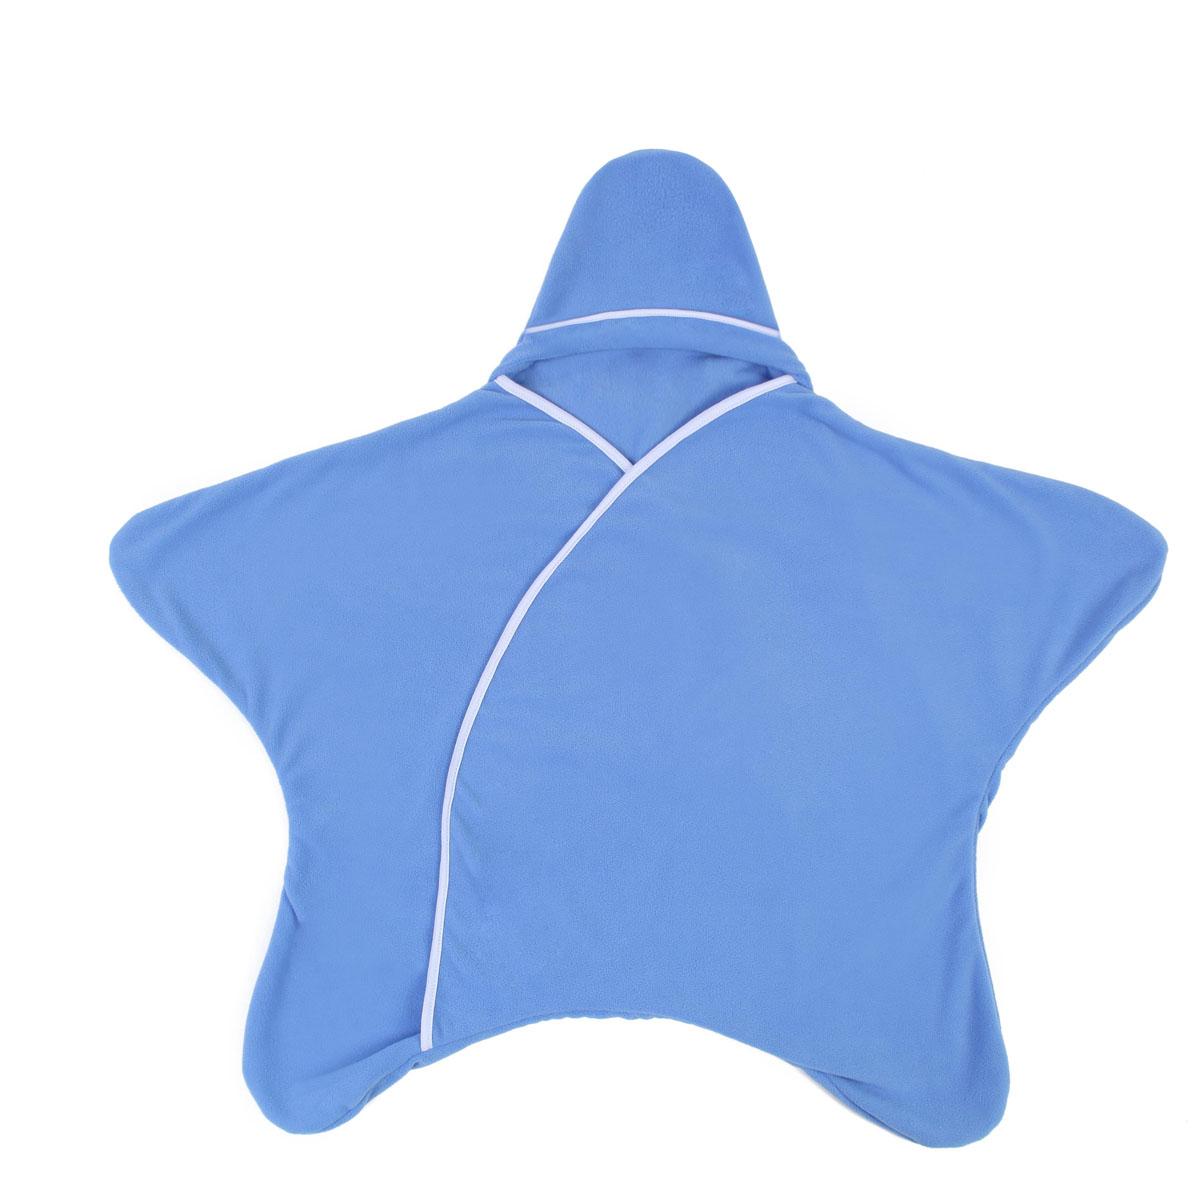 Конверт для новорожденного 5 в 1 Twinklbaby Заверни и иди, цвет: голубой. 0021. Размер универсальный, 0-12 месяцев каталог twinklbaby